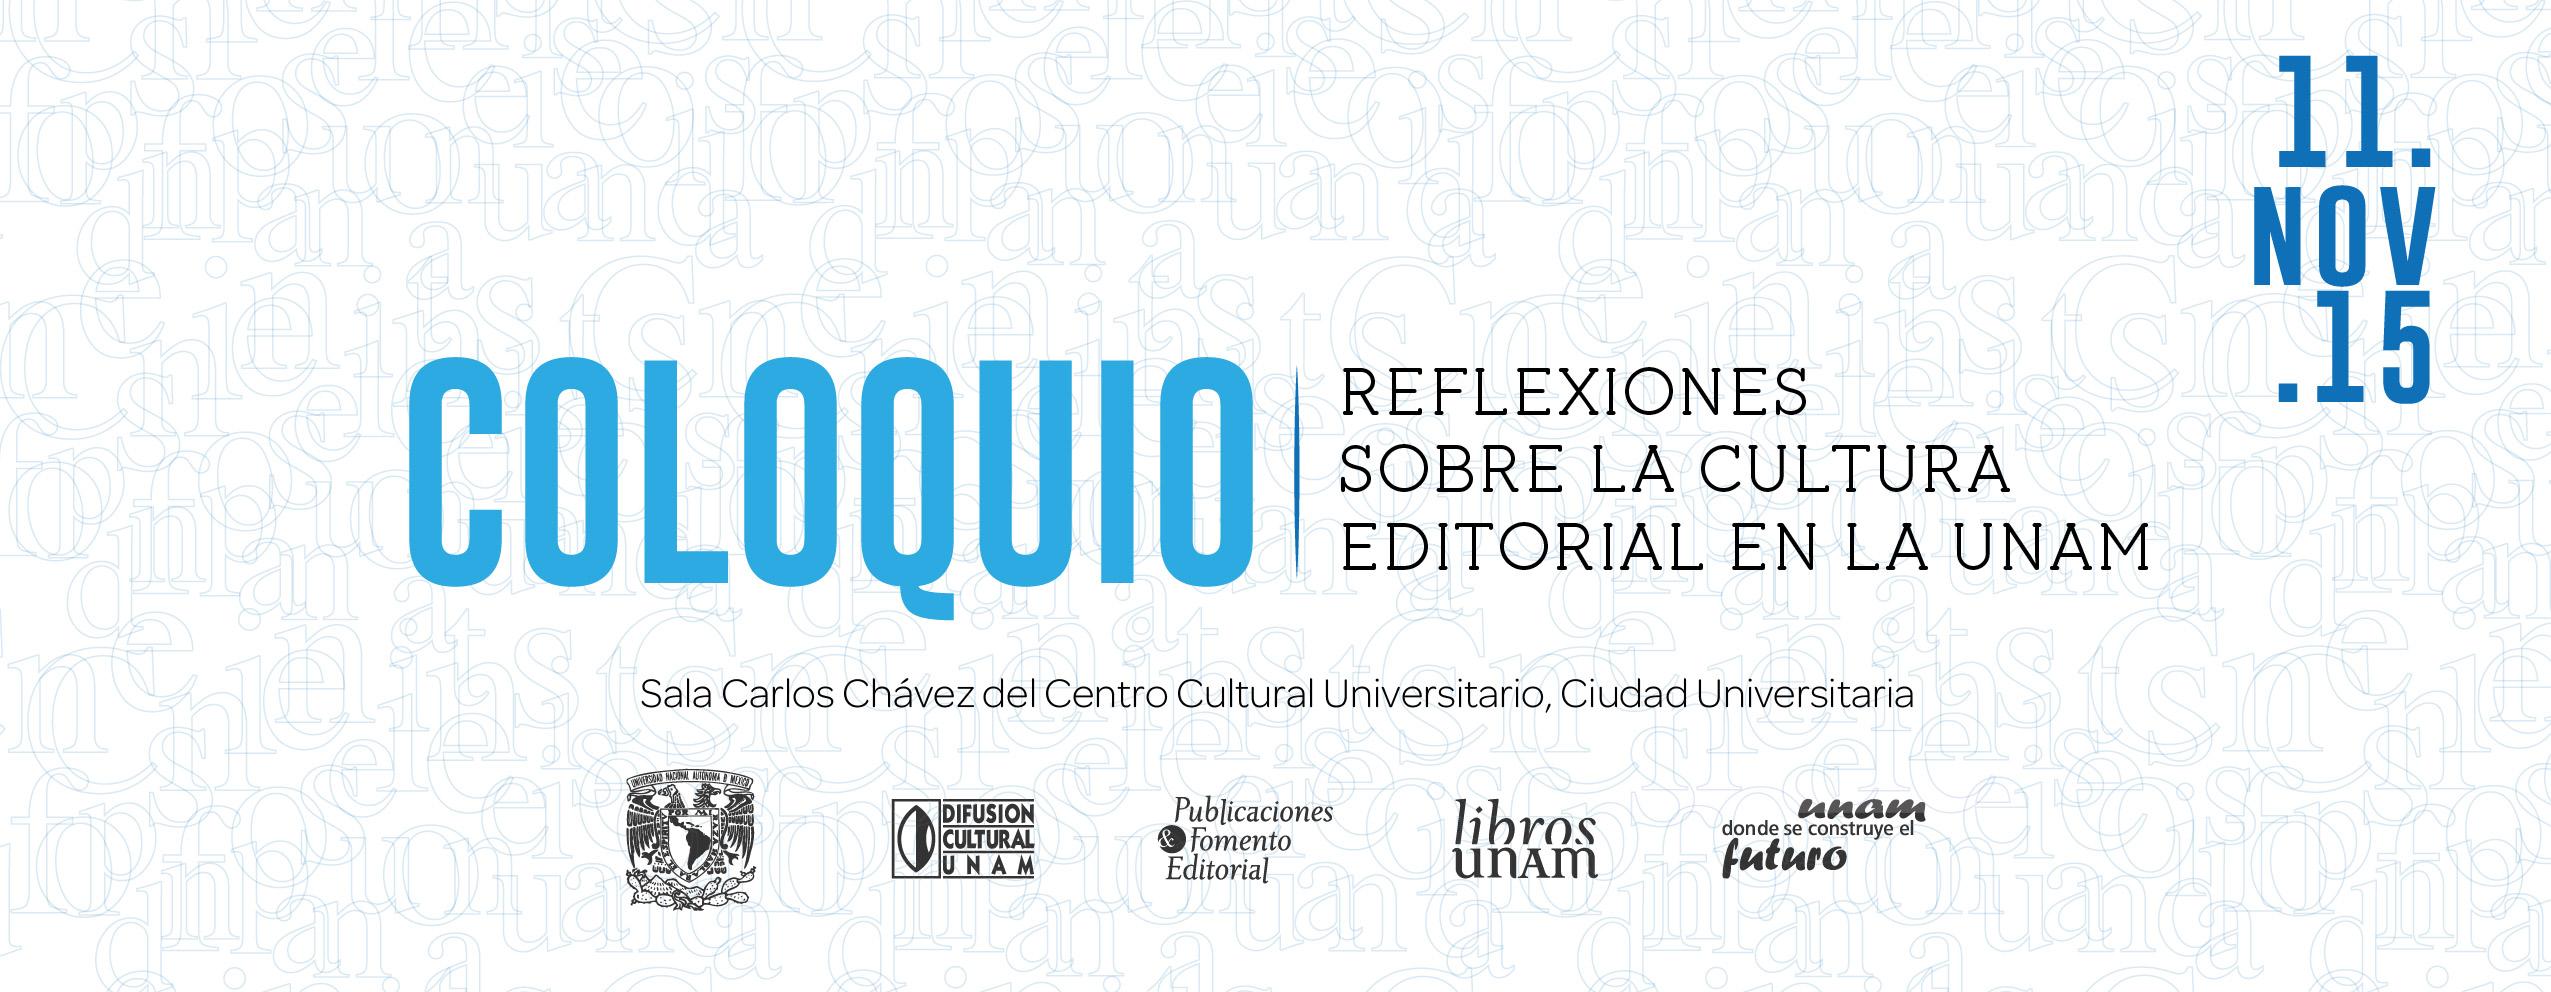 COLOQUIO REFLEXIONES SOBRE LA CULTURA EDITORIAL EN LA UNAM